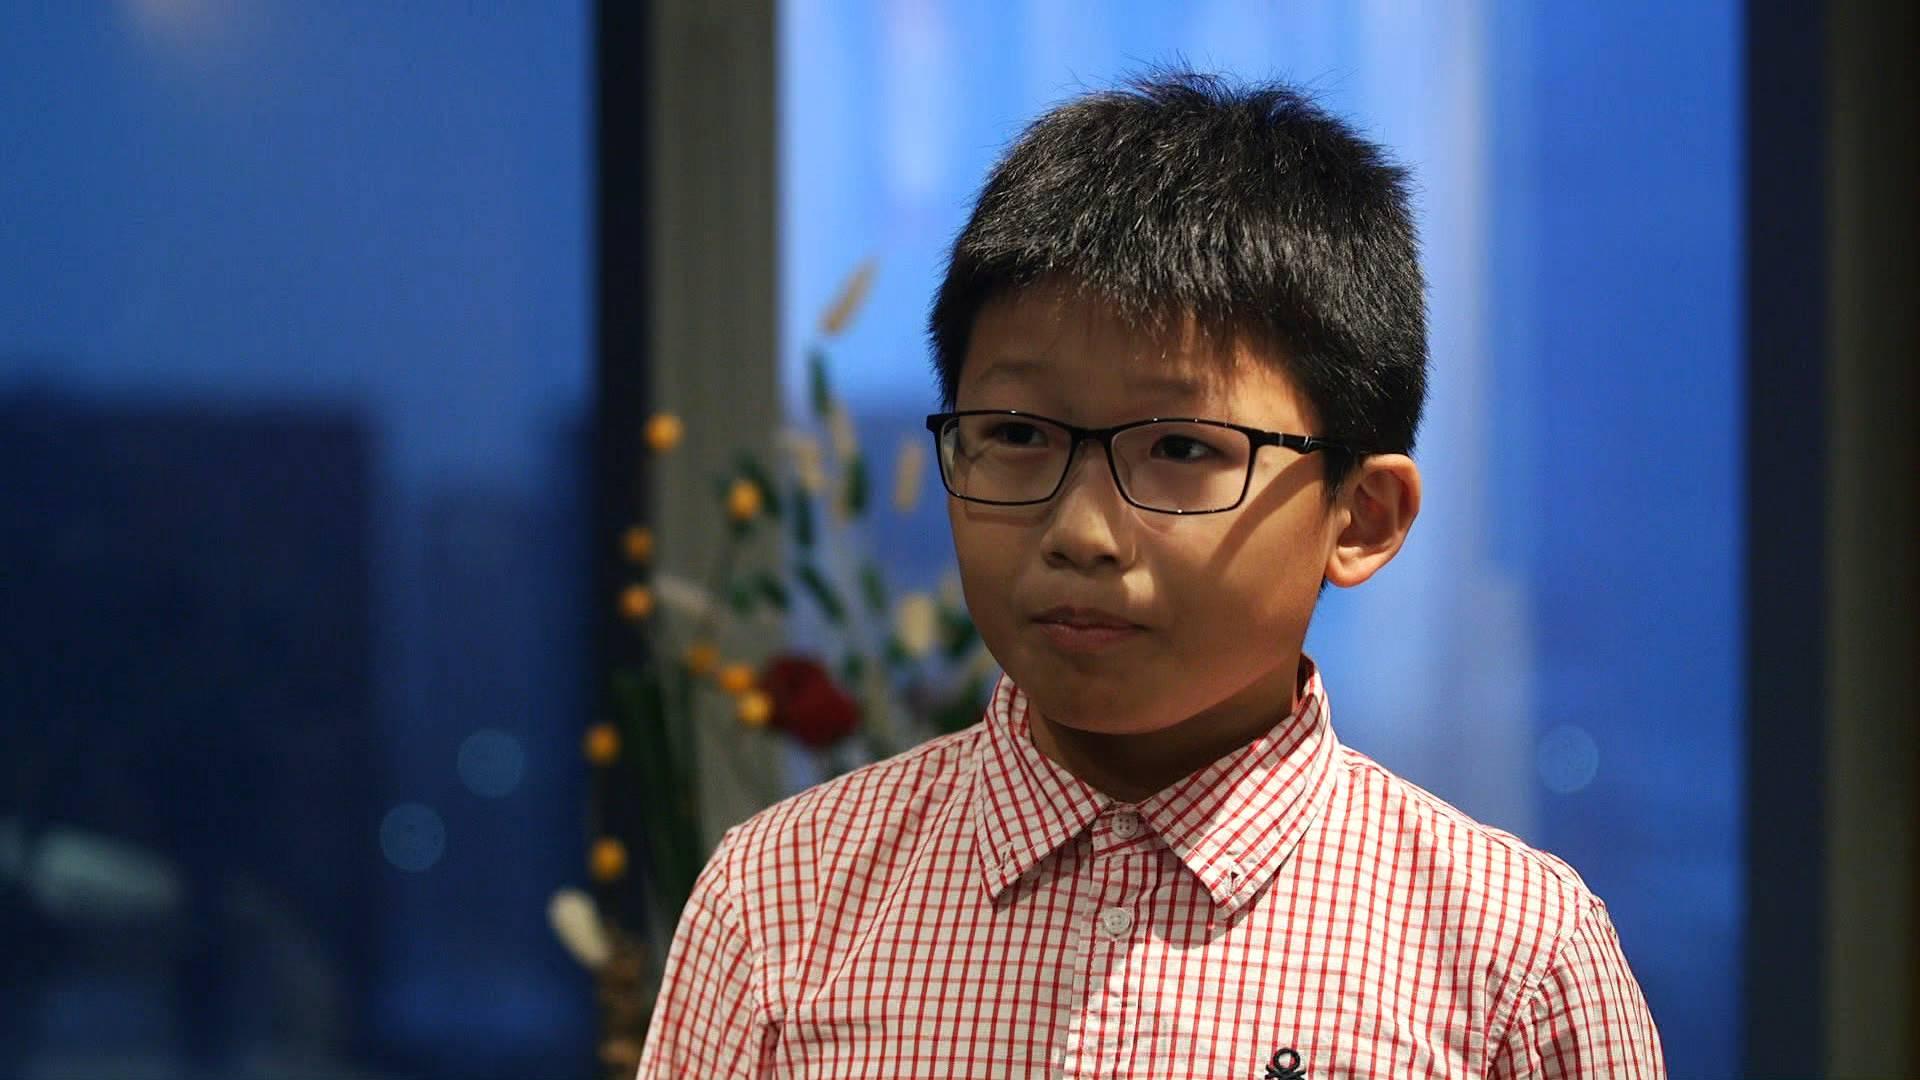 """33秒丨五年级学生施钧瀚:我在电视上看到""""好客山东欢迎你"""""""